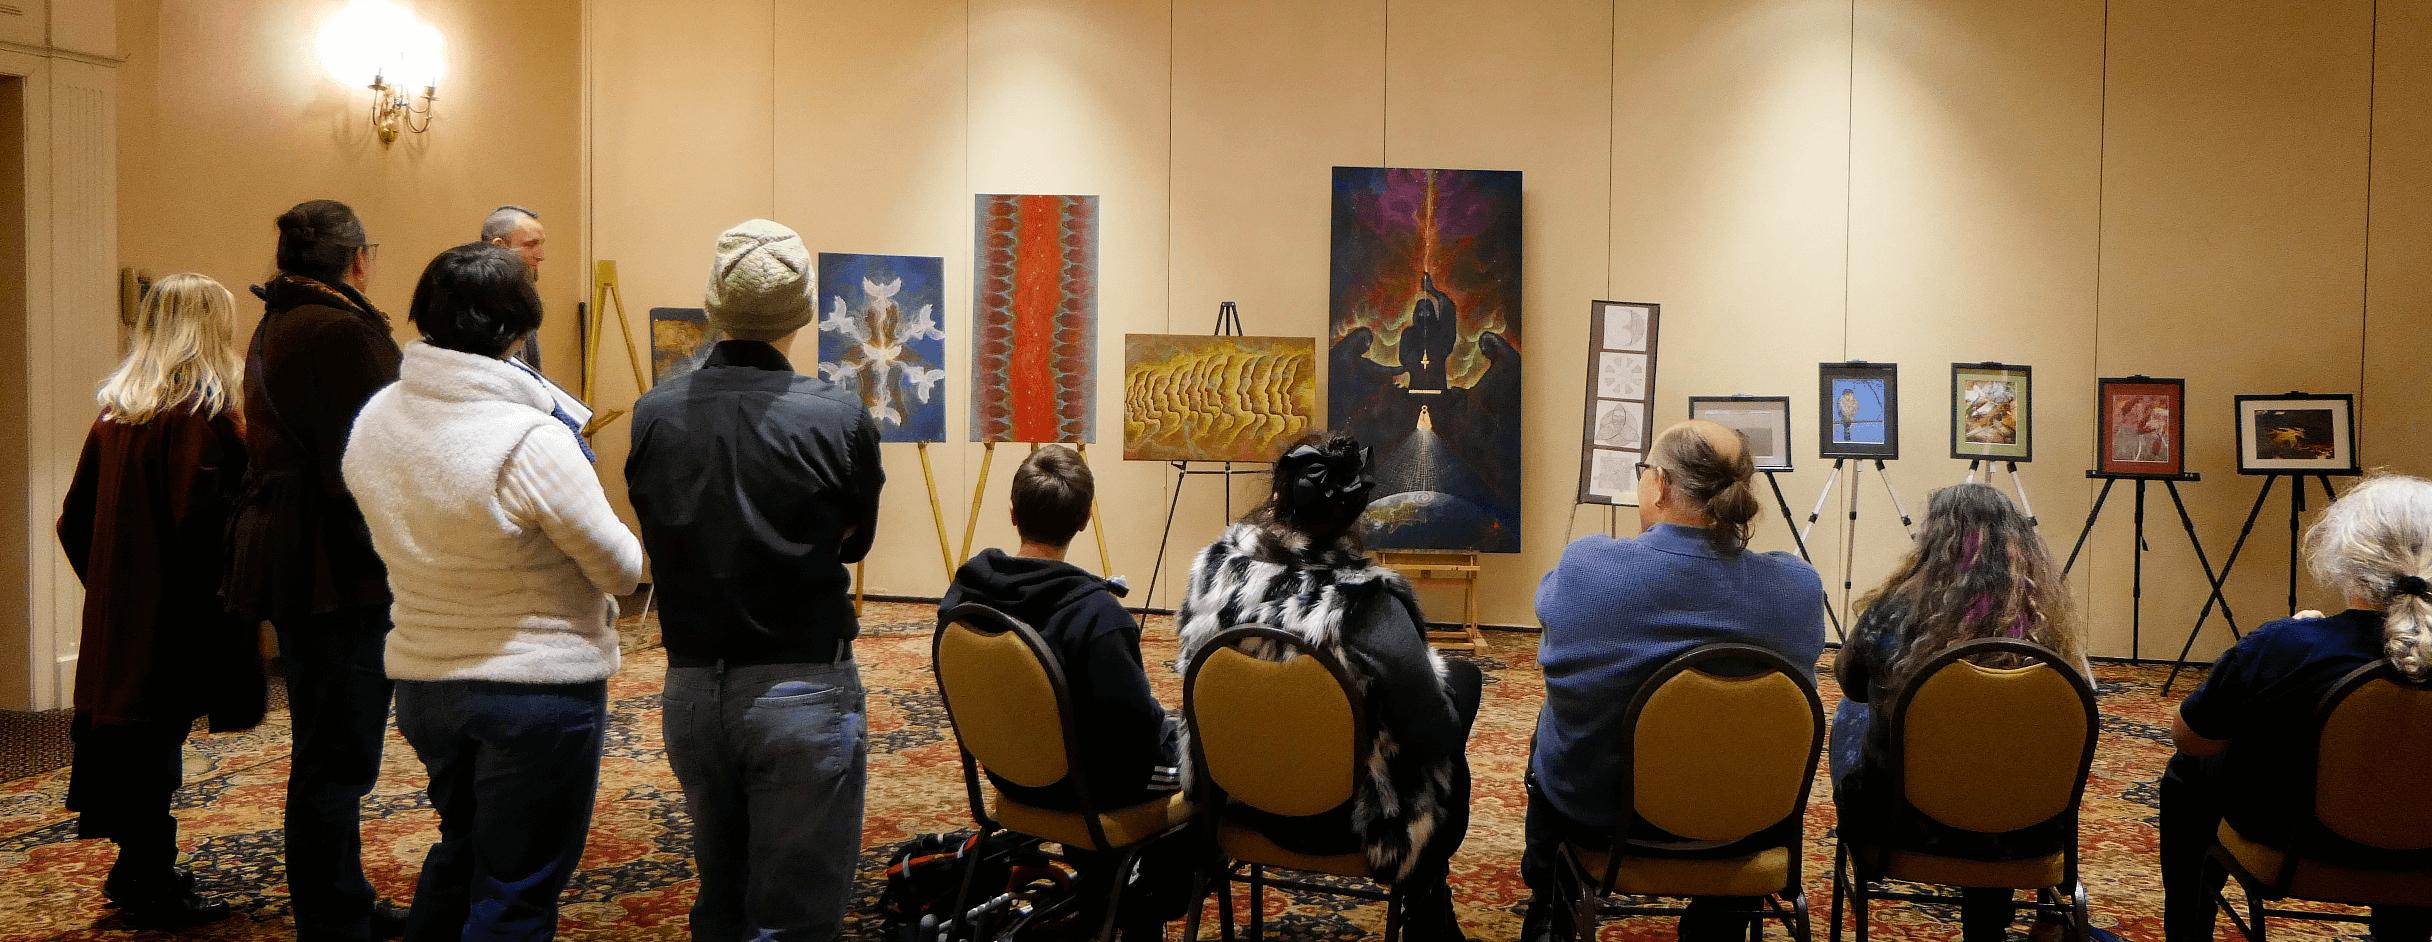 A Feast of Lights Art Salon